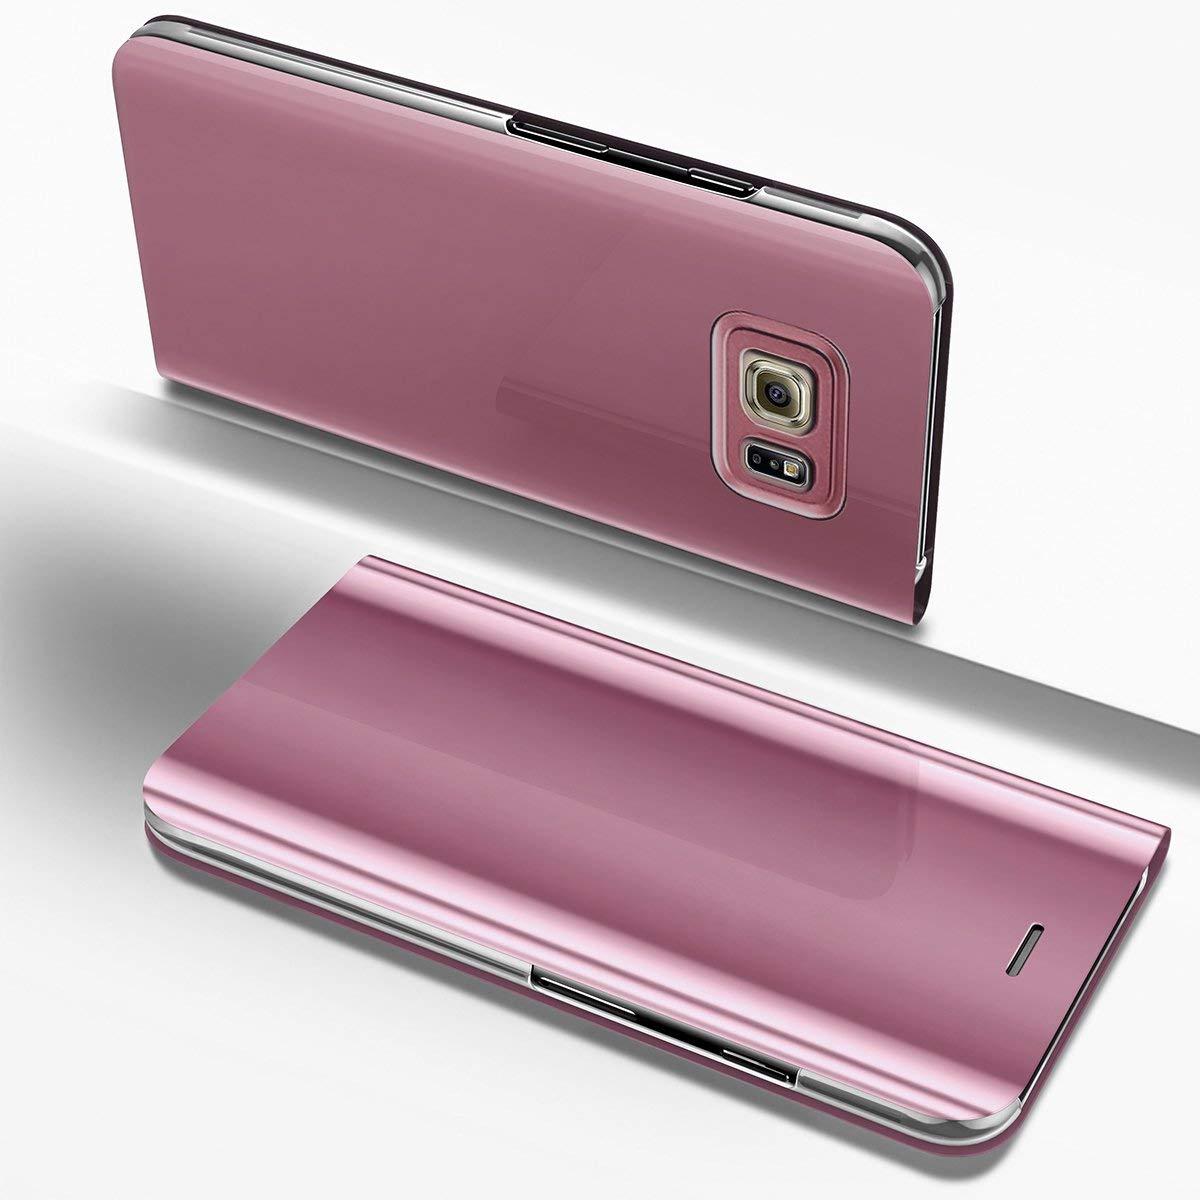 Samsung Galaxy Note 5ケース、IKASEFUめっきメッキPUレザーPCミラーフリップフォリオスタンドケースカバー保護超スリム薄型フルボディ保護ケースカバーfor Samsung Galaxy Note 5 IKASEFU00005264  ローズゴールド B07BFP74KQ